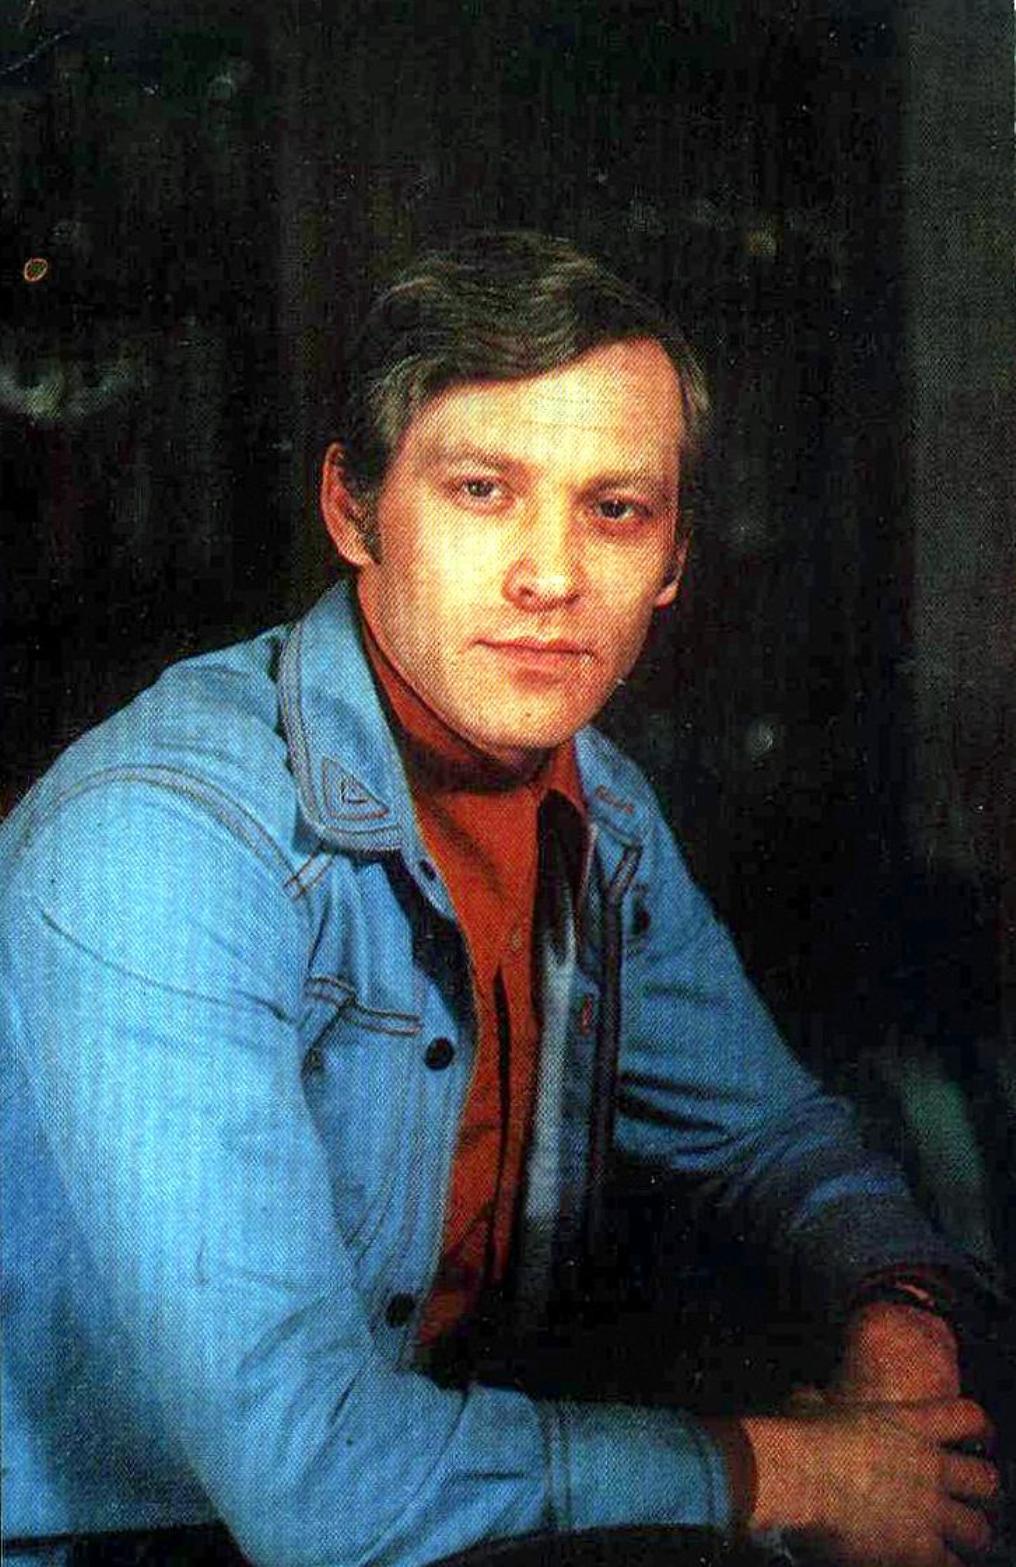 Владимир Ивашов, Актёры Советского кино, коллекция открыток